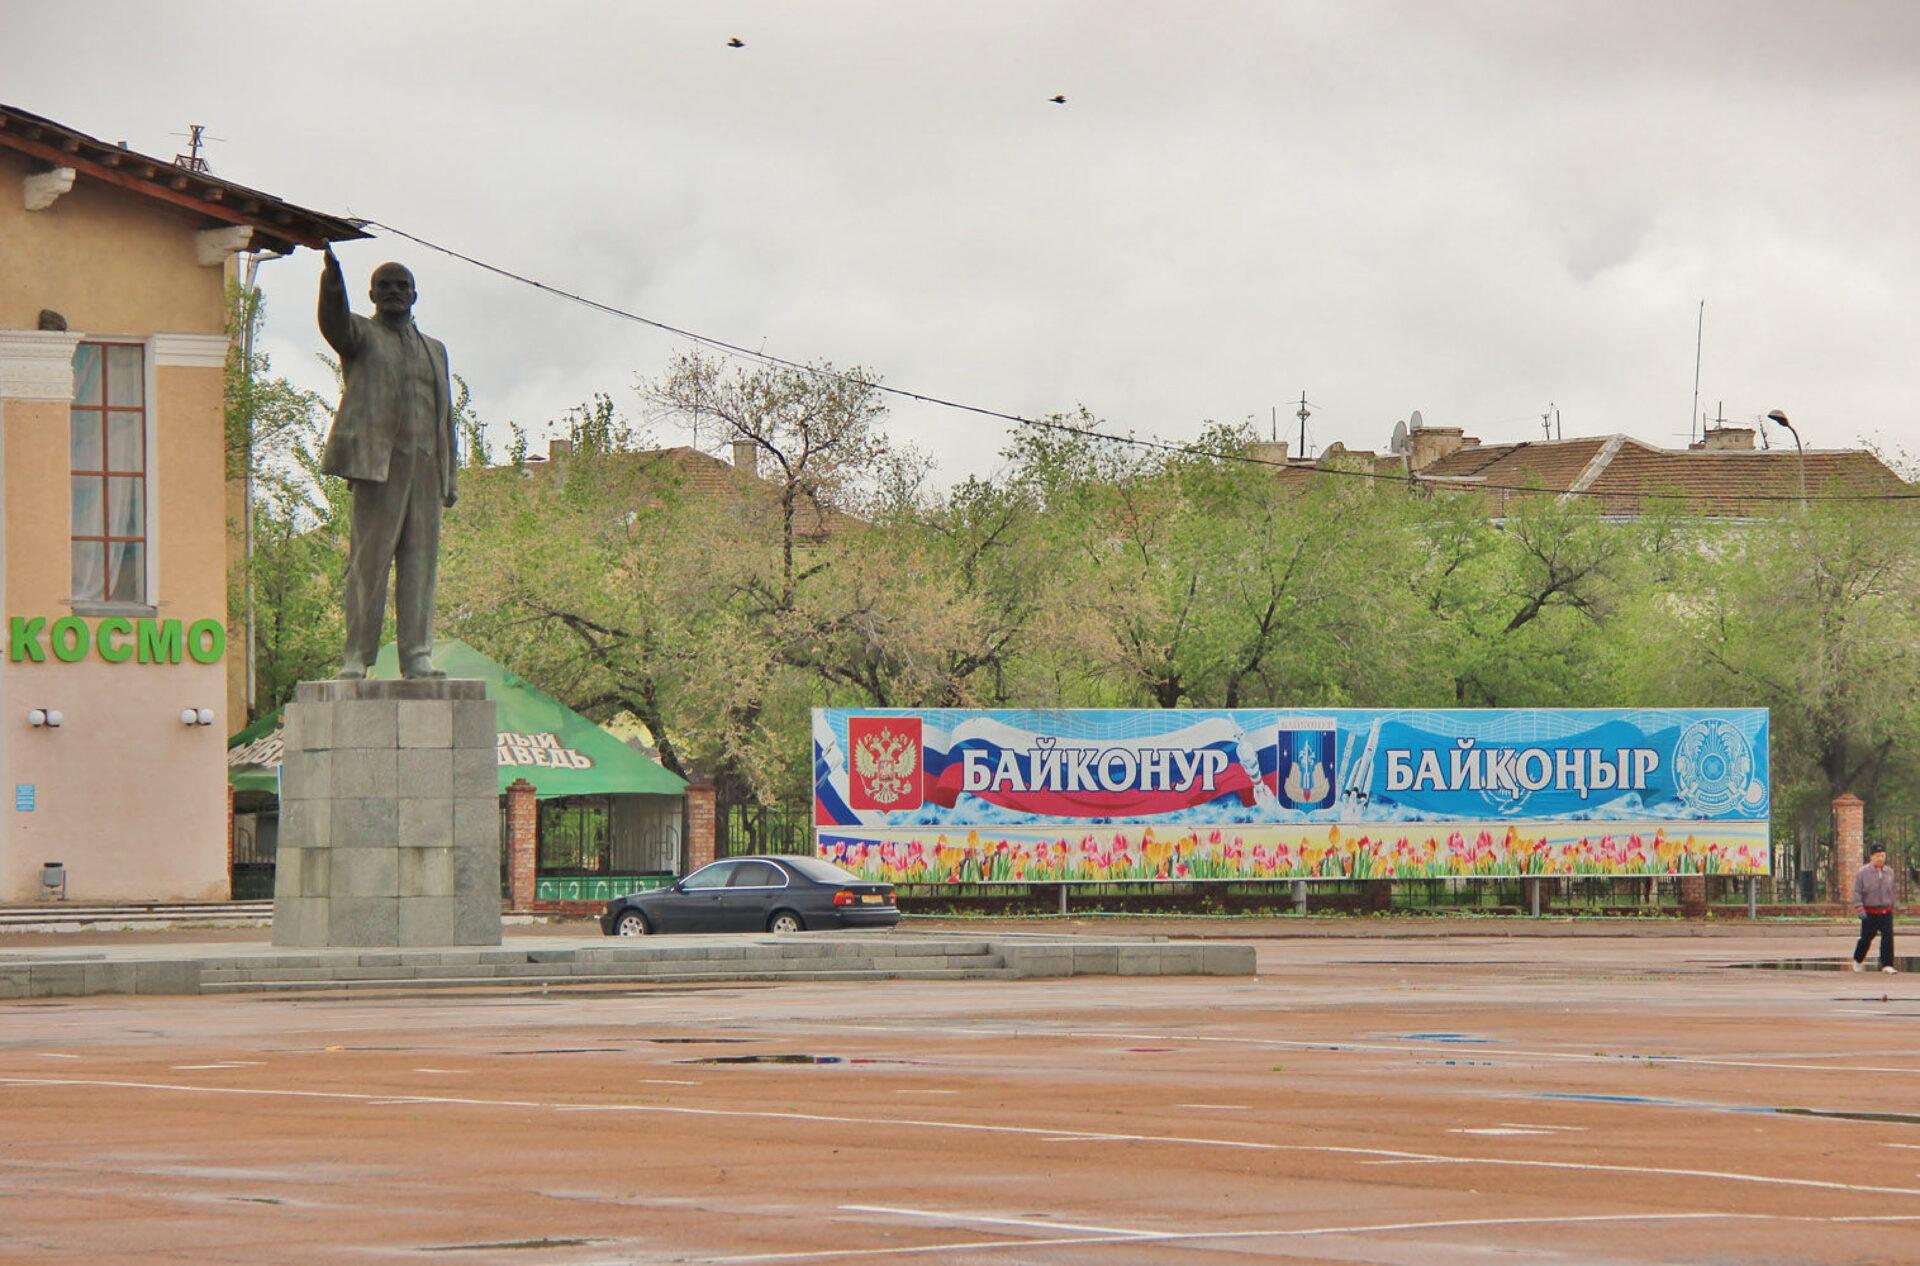 Узбекистан— погружение вАзию. Часть 1 (Самарканд)